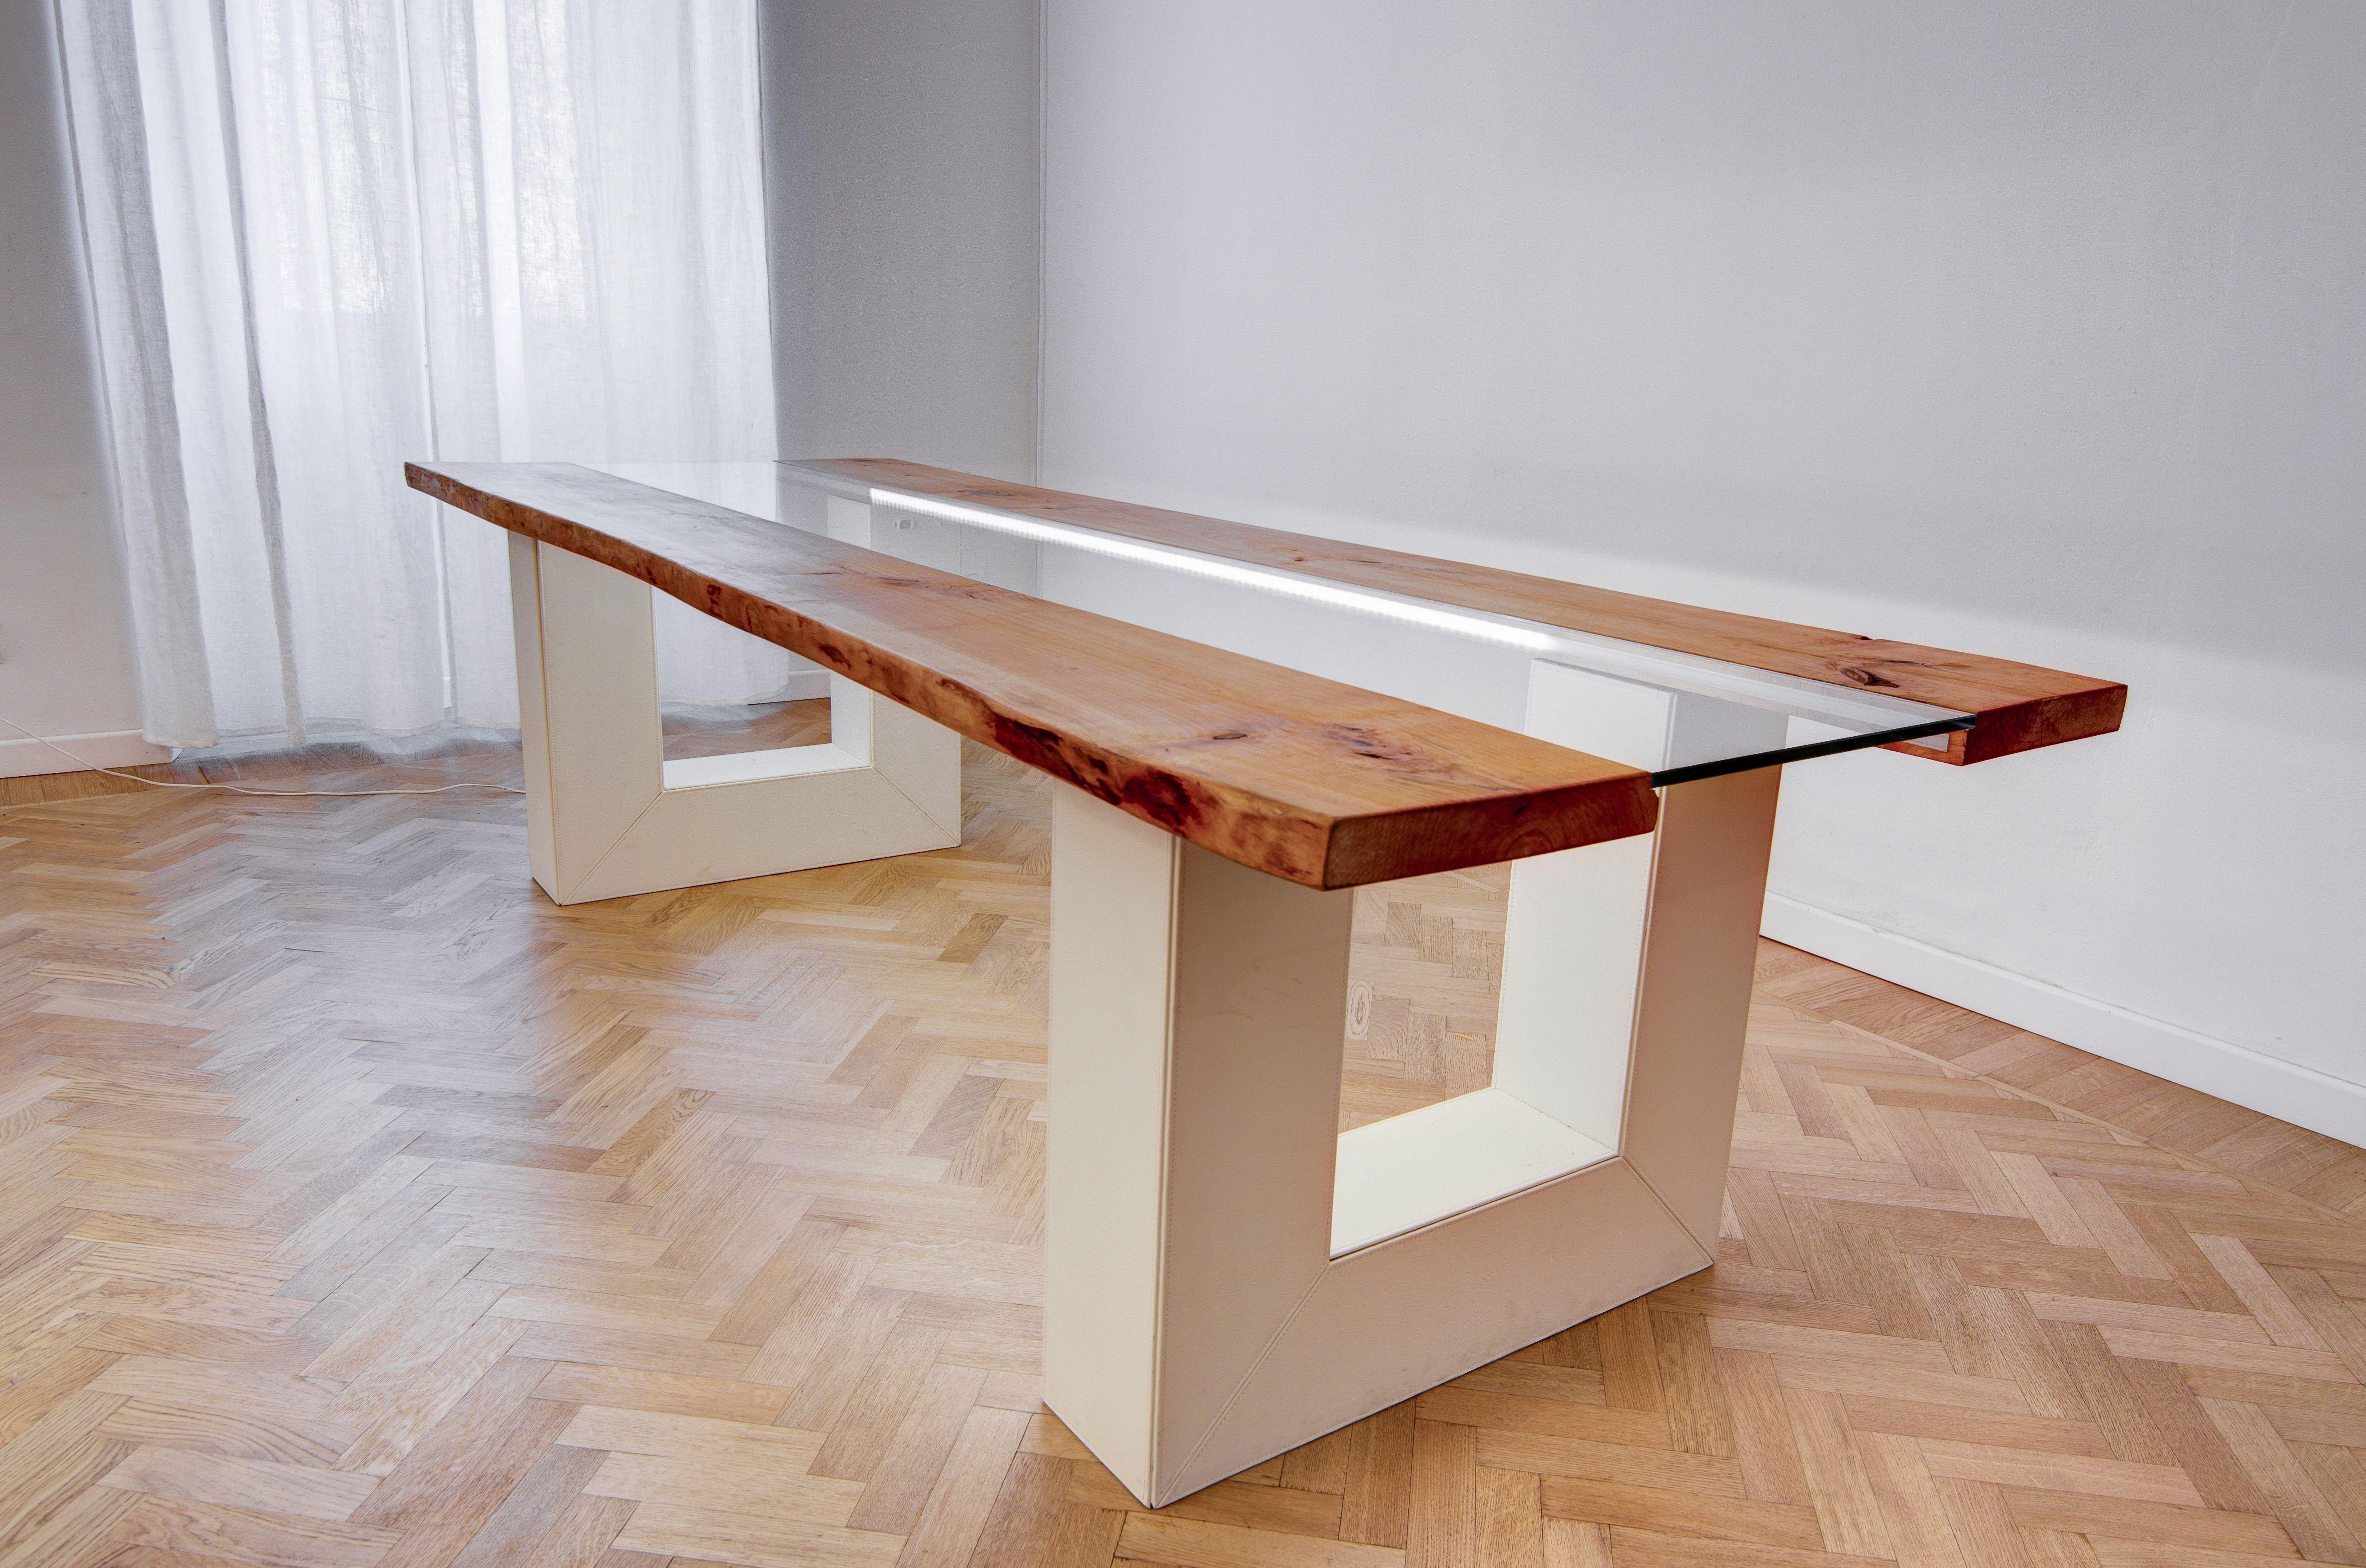 Tavolo Componibile ~ Tavolo componibile scelta dei materiali tavola grezza legno pelle